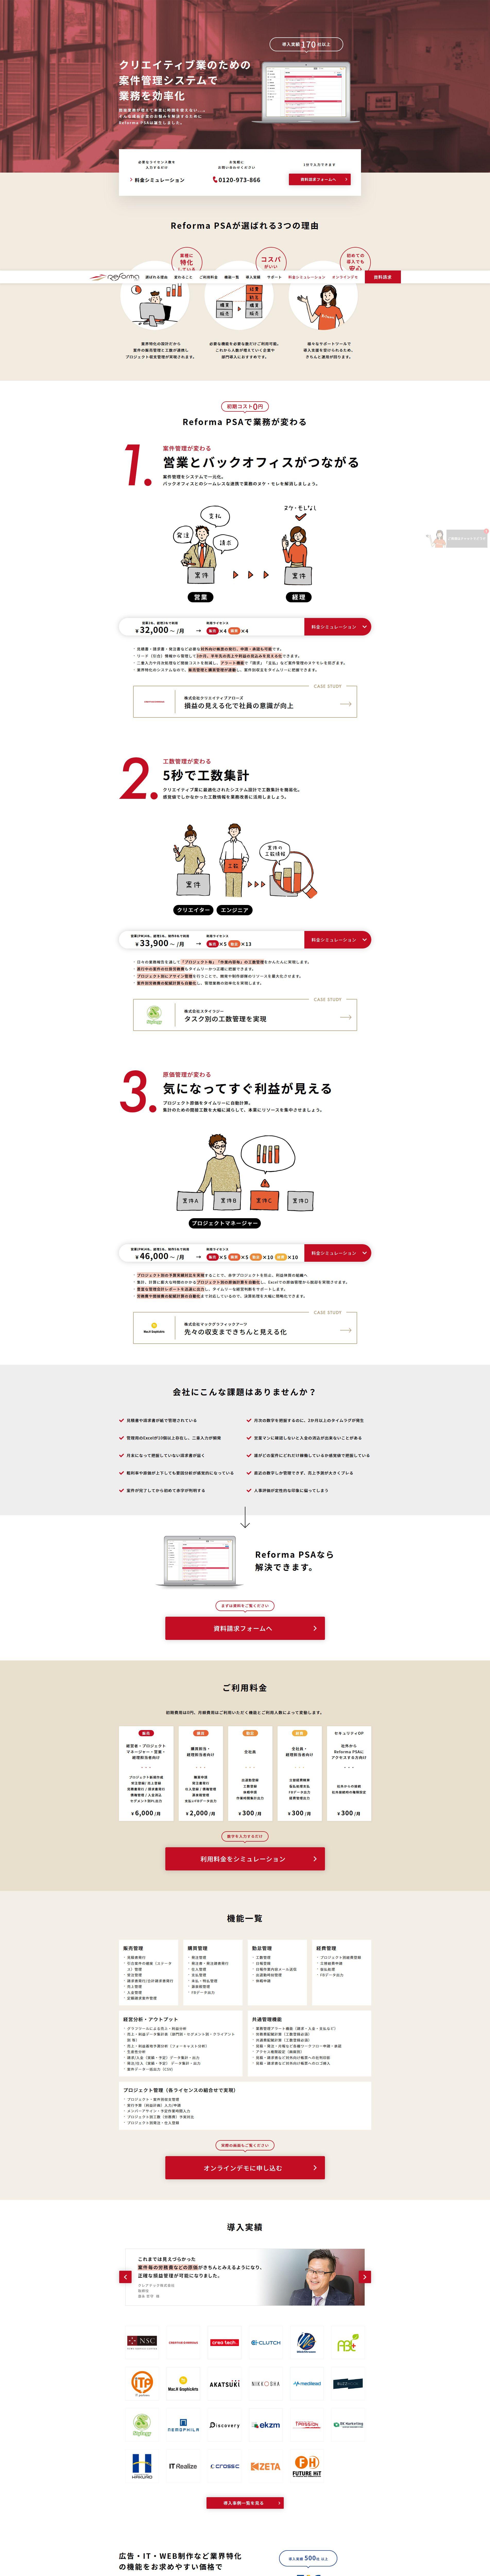 34c86249 D333 4da2 Ad68 D5943d2b86ae Jpg 1 903 10 000ピクセル ウェブデザイン Webデザイン デザイン